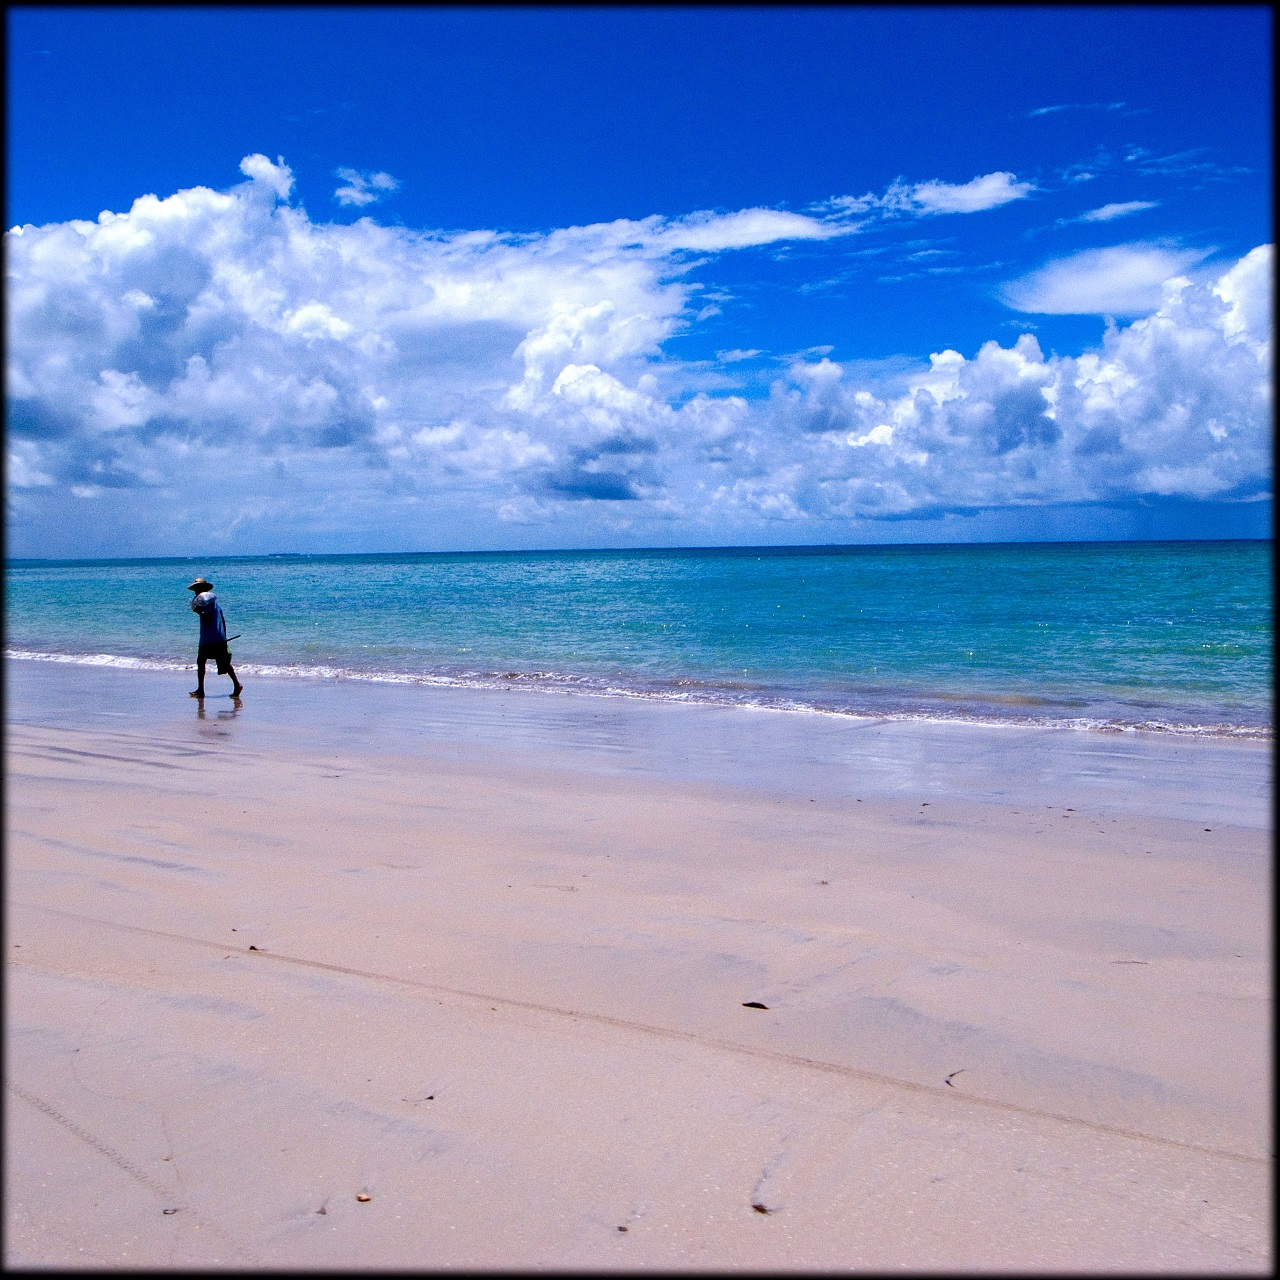 Abril de 2008. Praia de Tamandaré, Recife